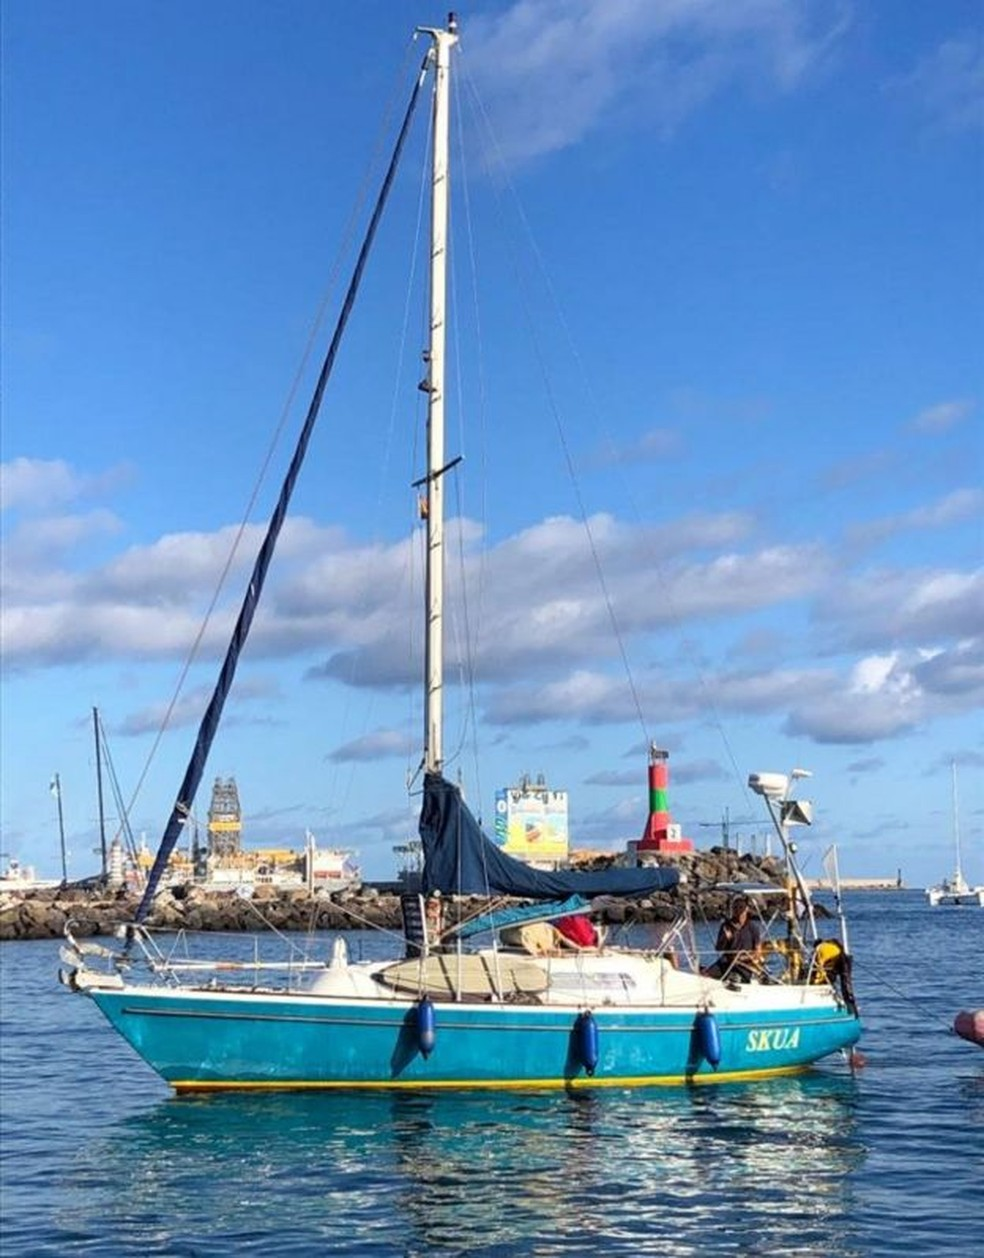 Ballestero cruzou o Atlântico em veleiro de 8,8 metros — Foto: Arquivo pessoal via BBC